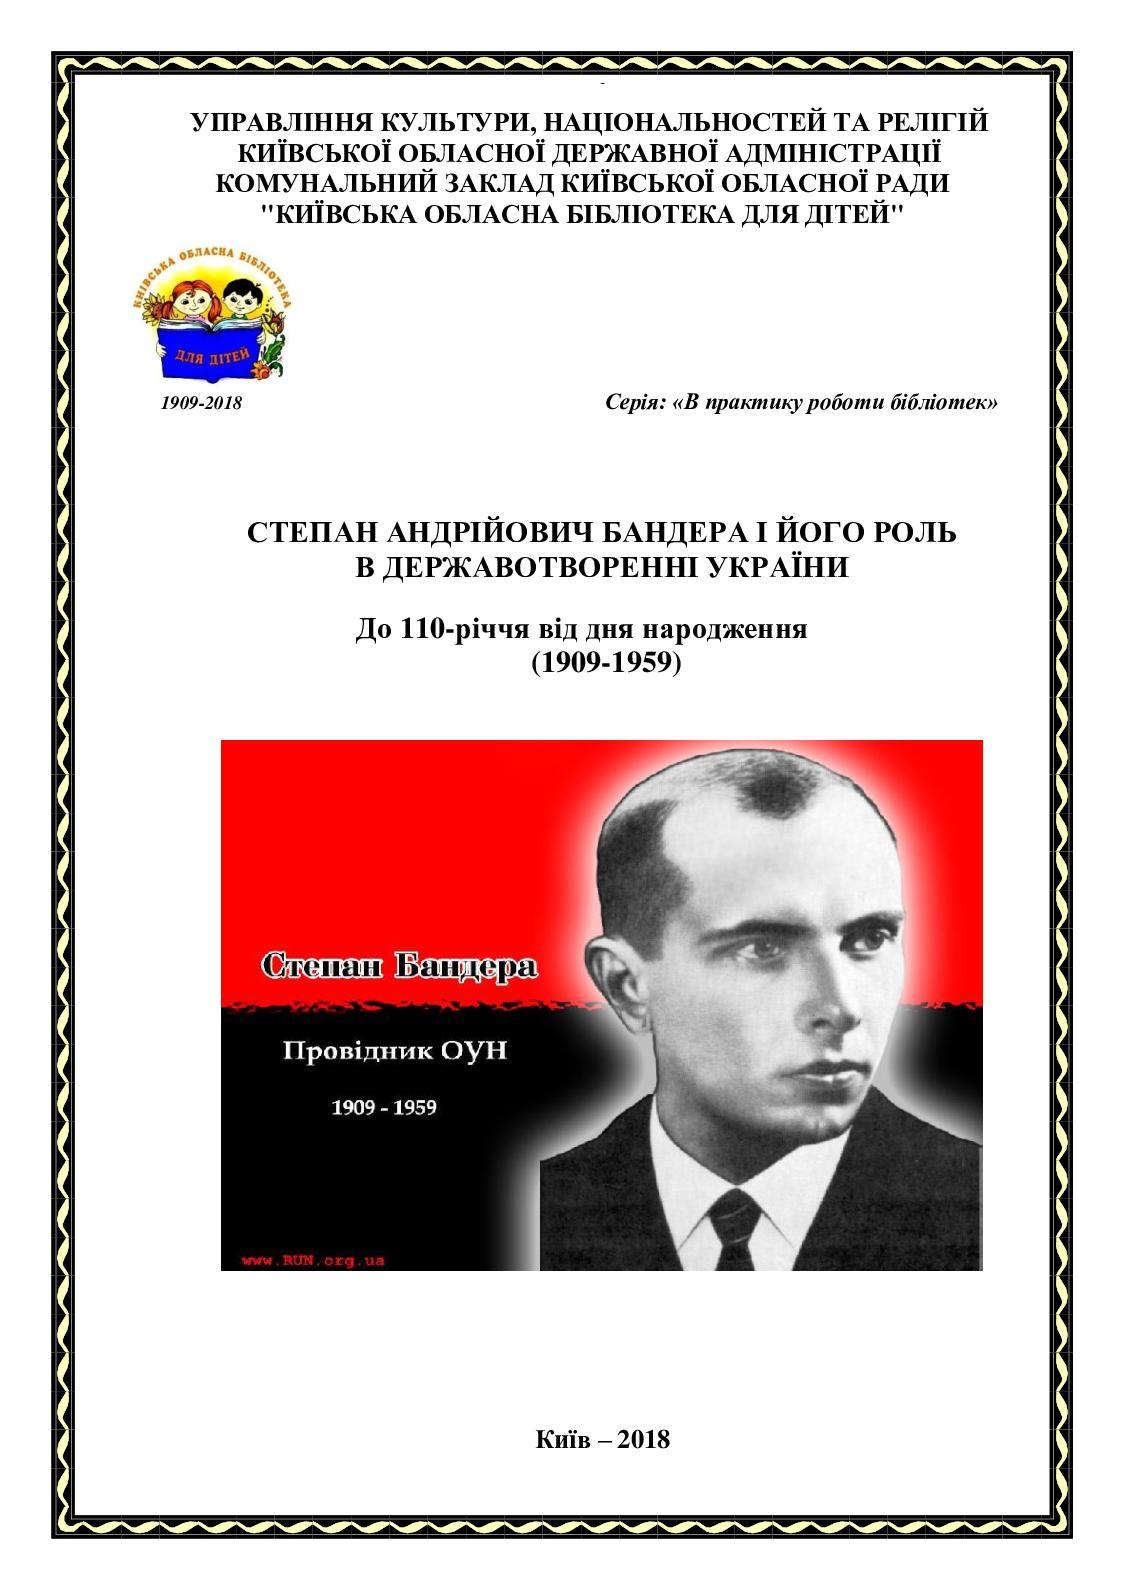 8356ff5e5844f7 Calaméo - Степан Андрійович Бандера і його роль в державотворенні України